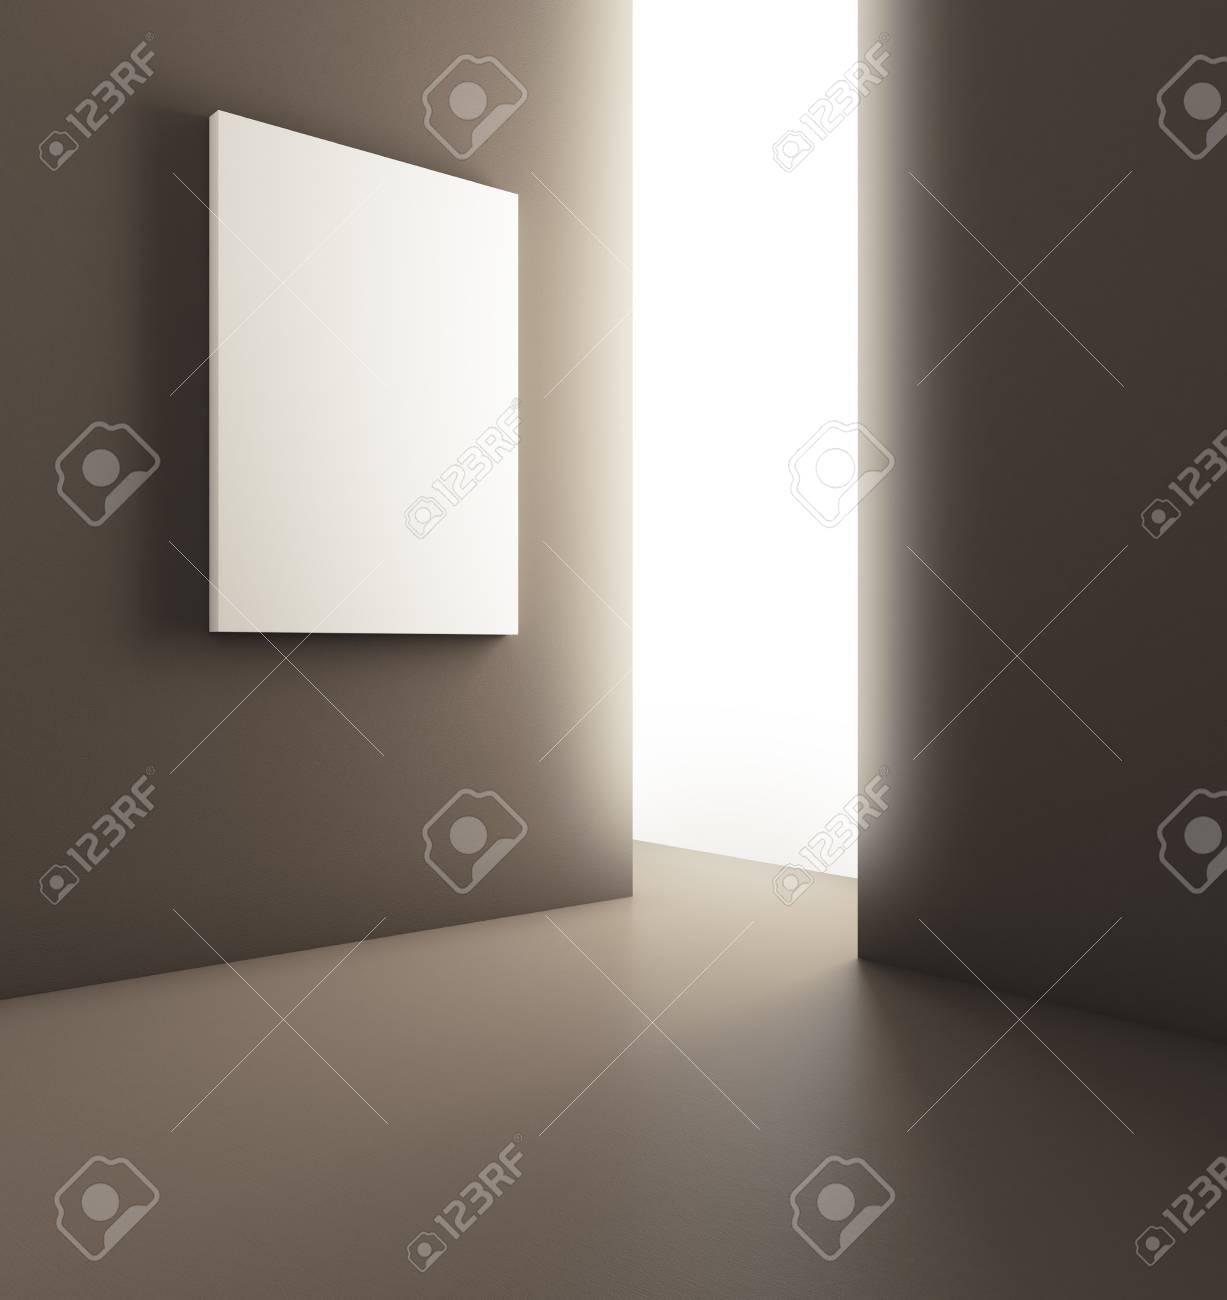 Abstrakter Moderner Glühender Rauminnenraum Mit Leerem Plakat Auf ...